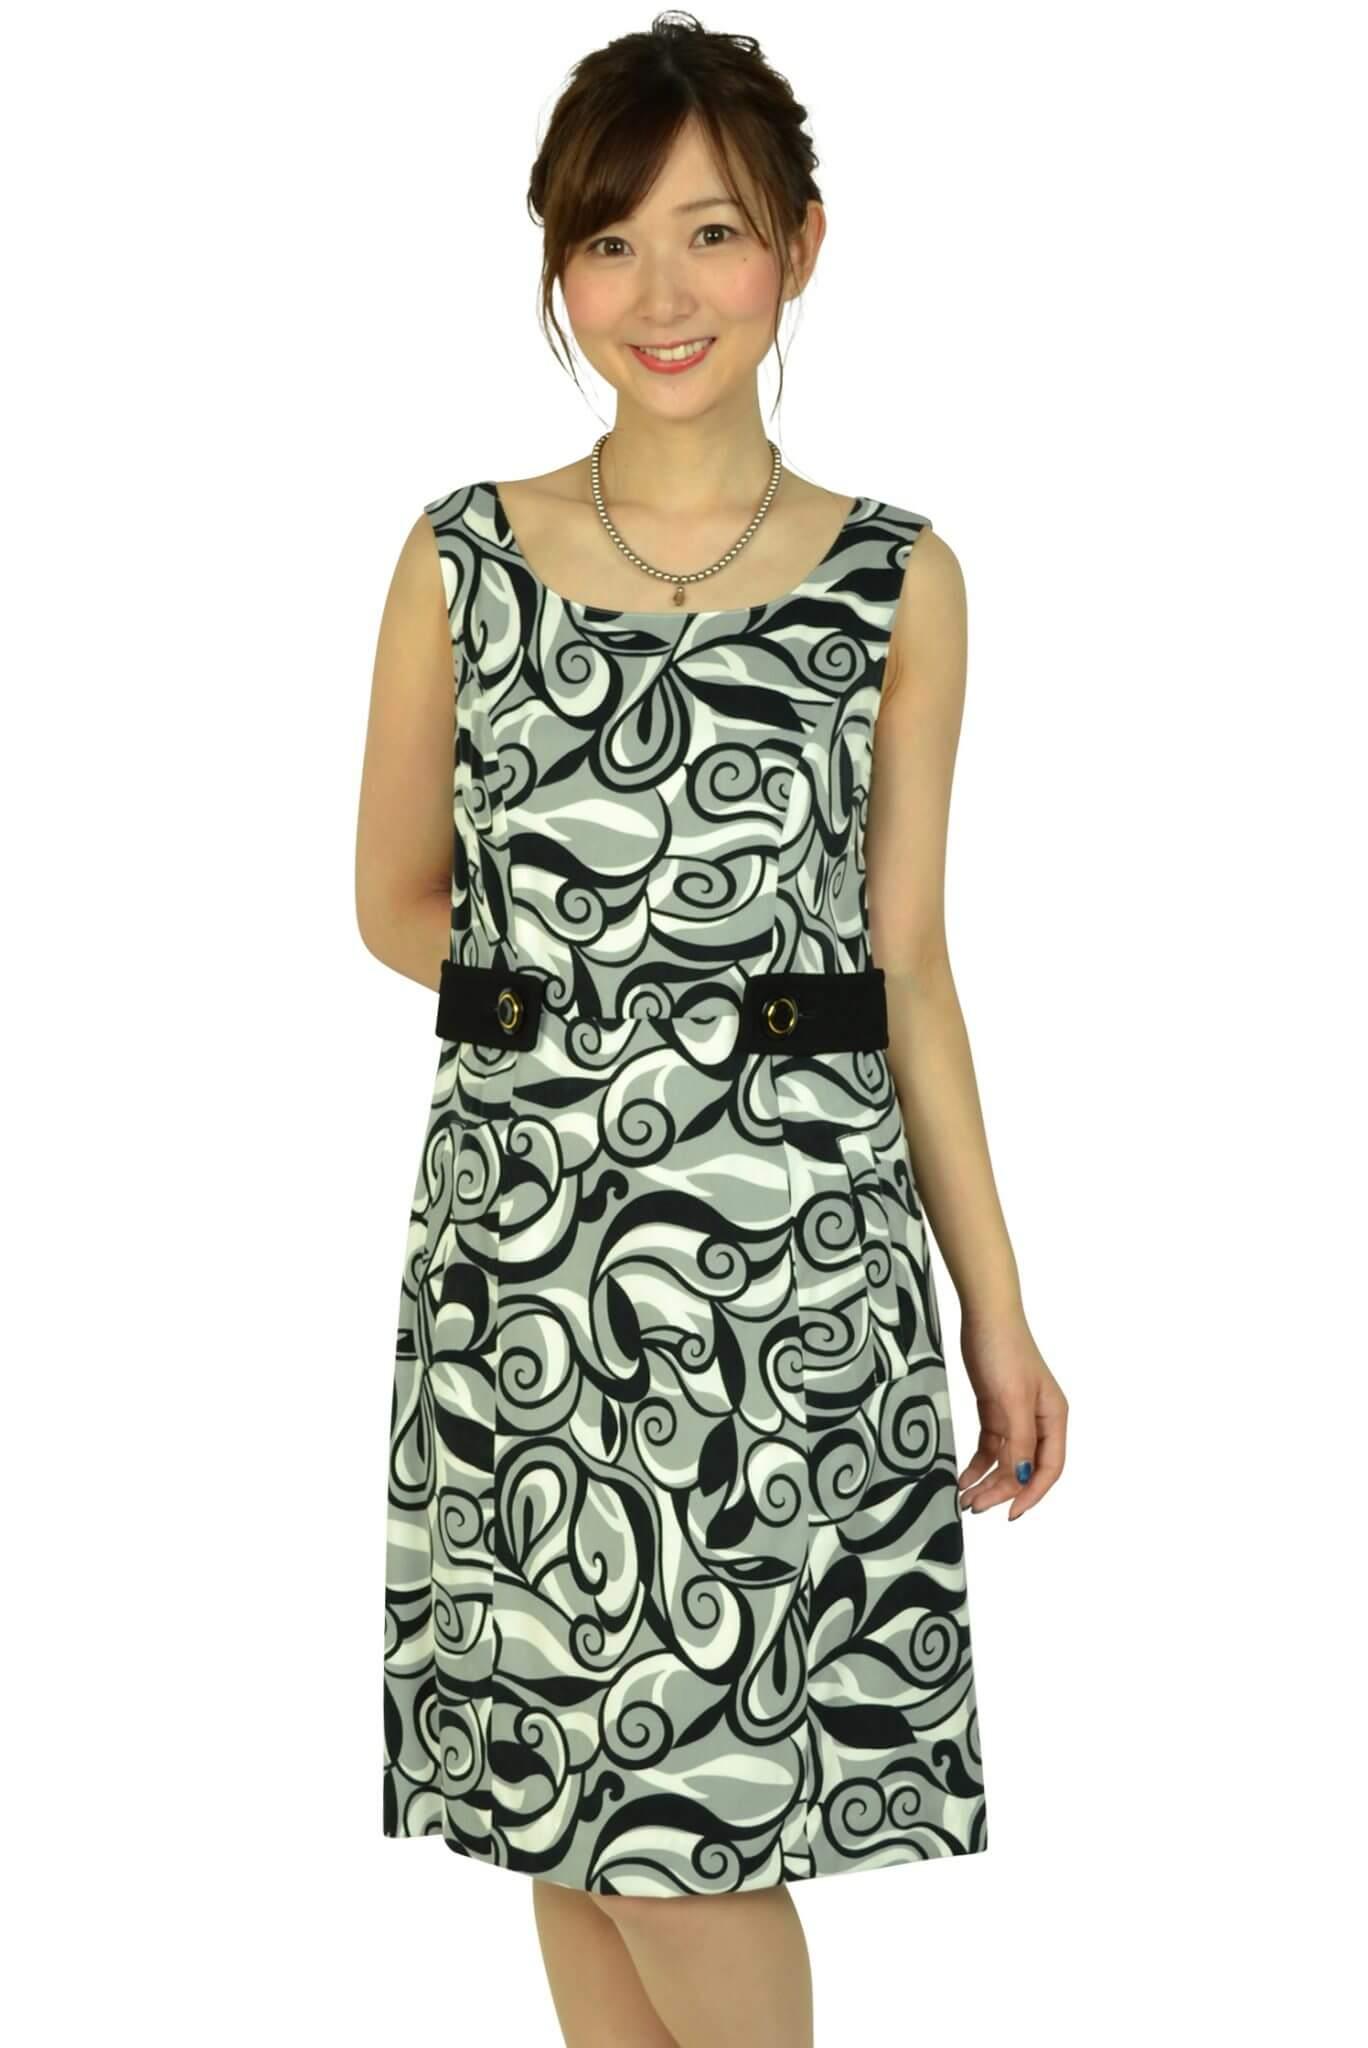 クイーンズ コート(QUEENS COURT) ブラック幾何学柄ドレス